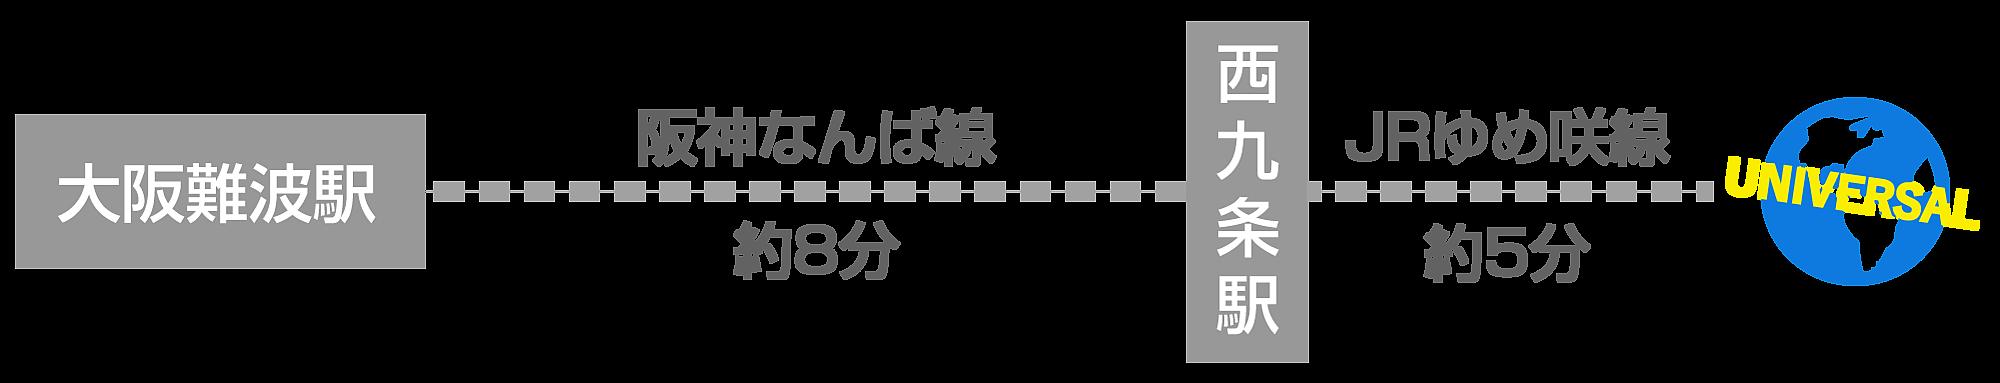 難波から阪神電車でUSJ